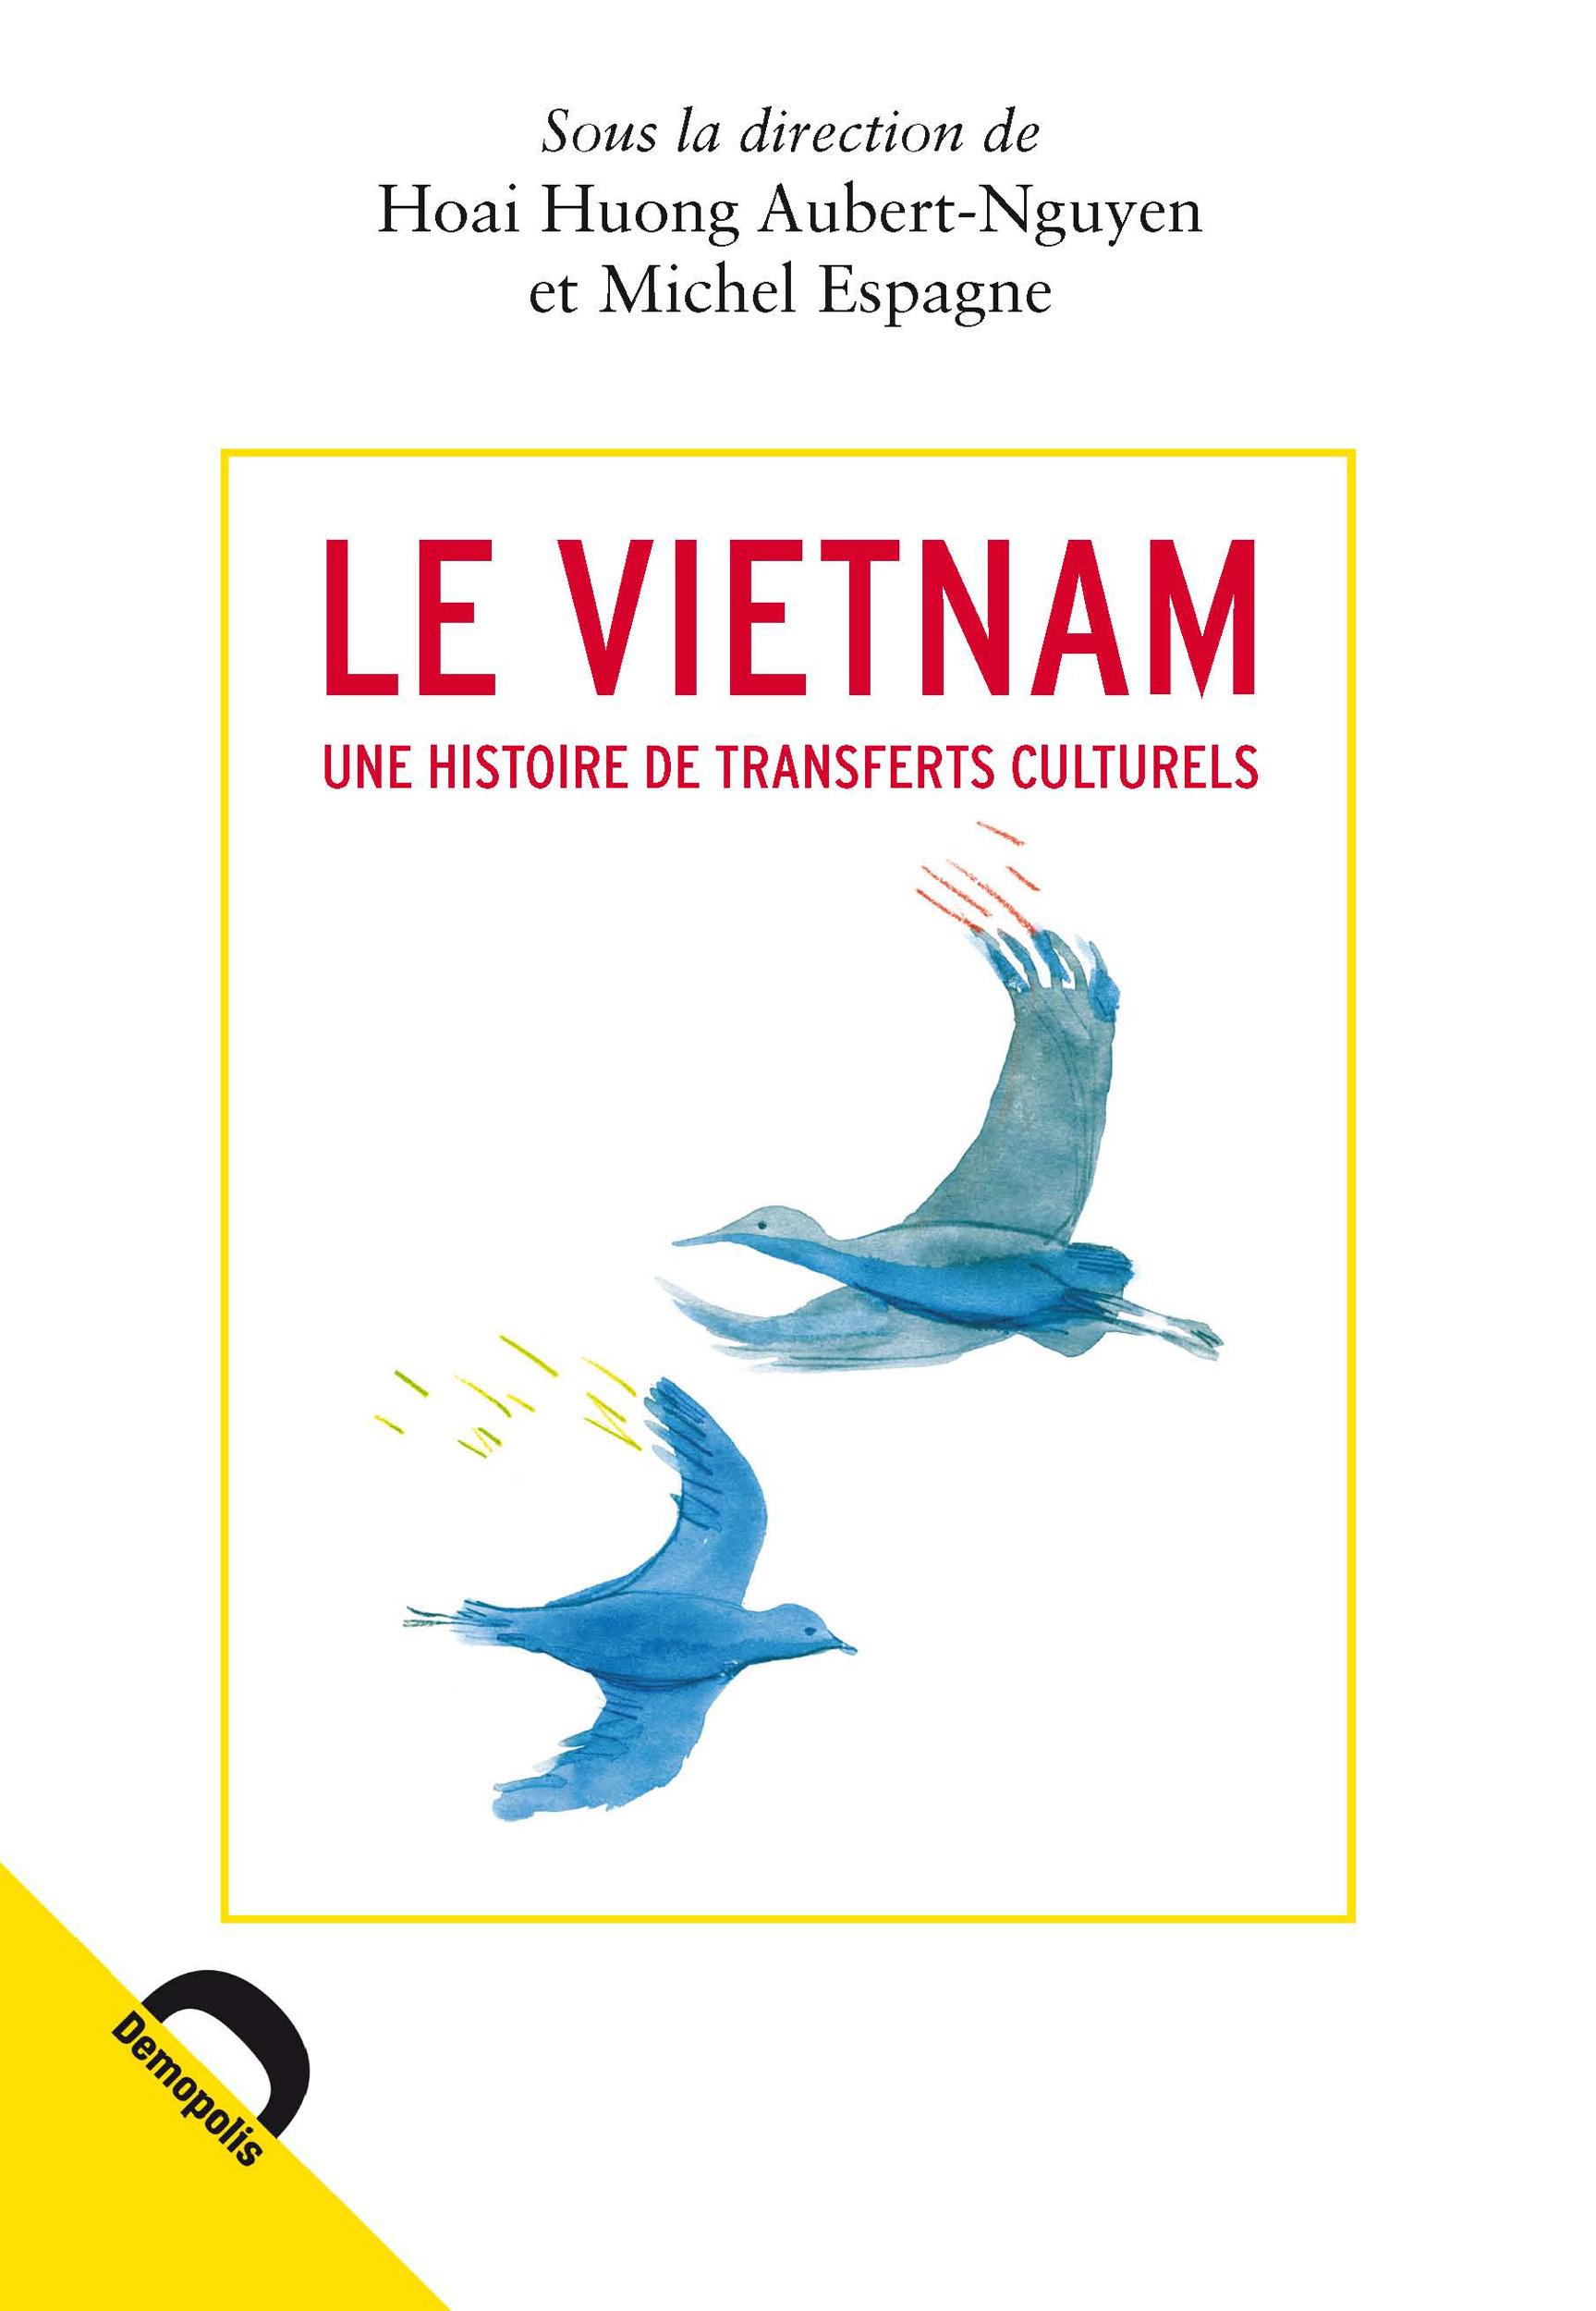 Michel Espagne Le Vietnam